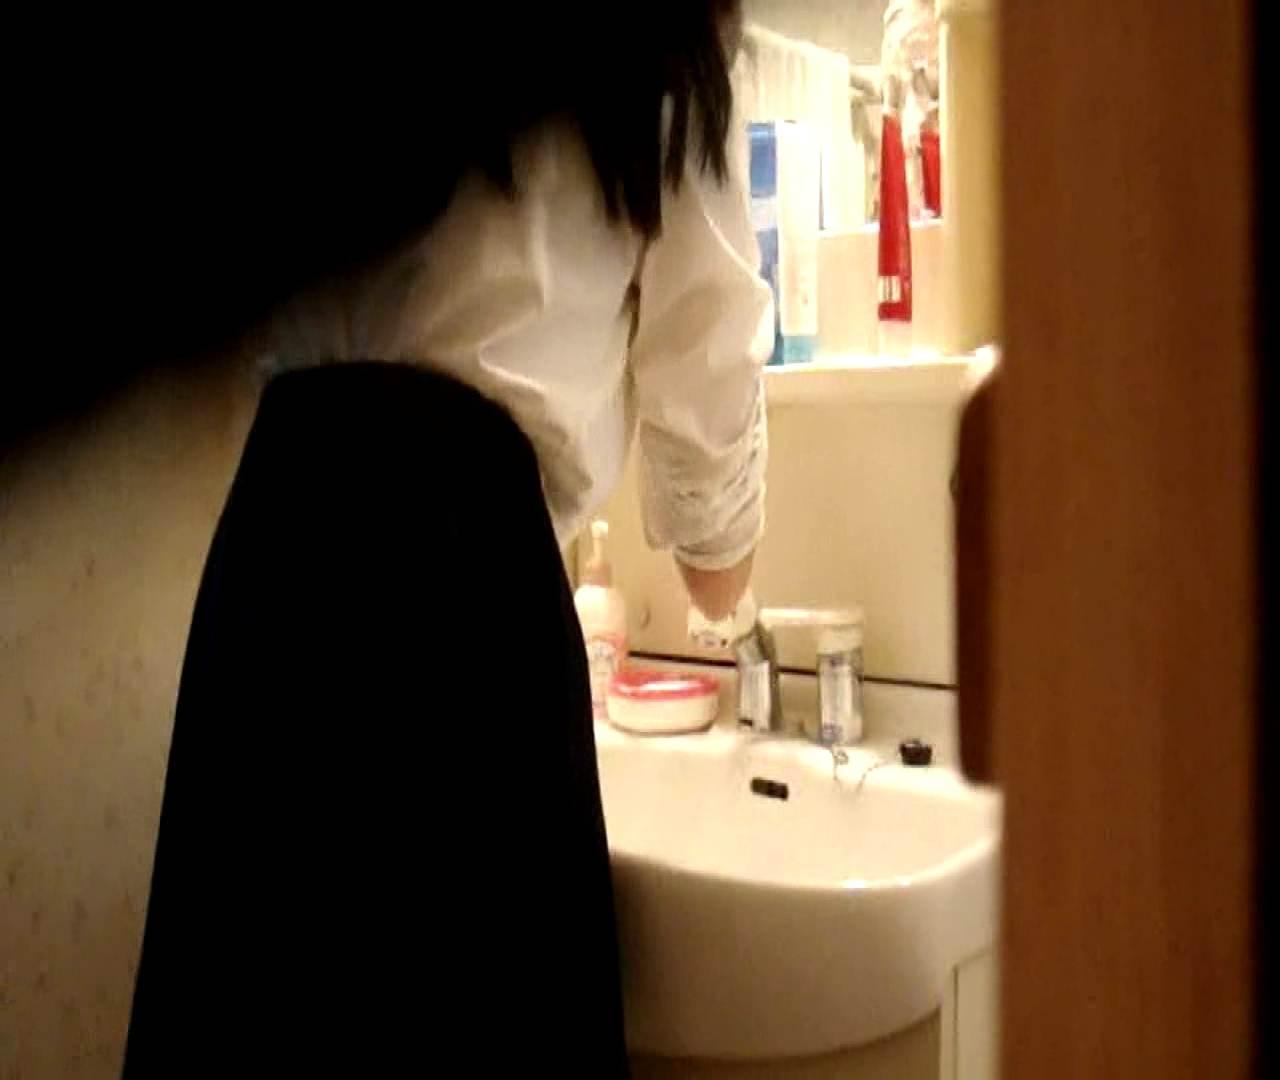 二人とも育てた甲斐がありました… vol.05 まどかが洗顔後にブラを洗濯 美しいOLの裸体  102pic 52